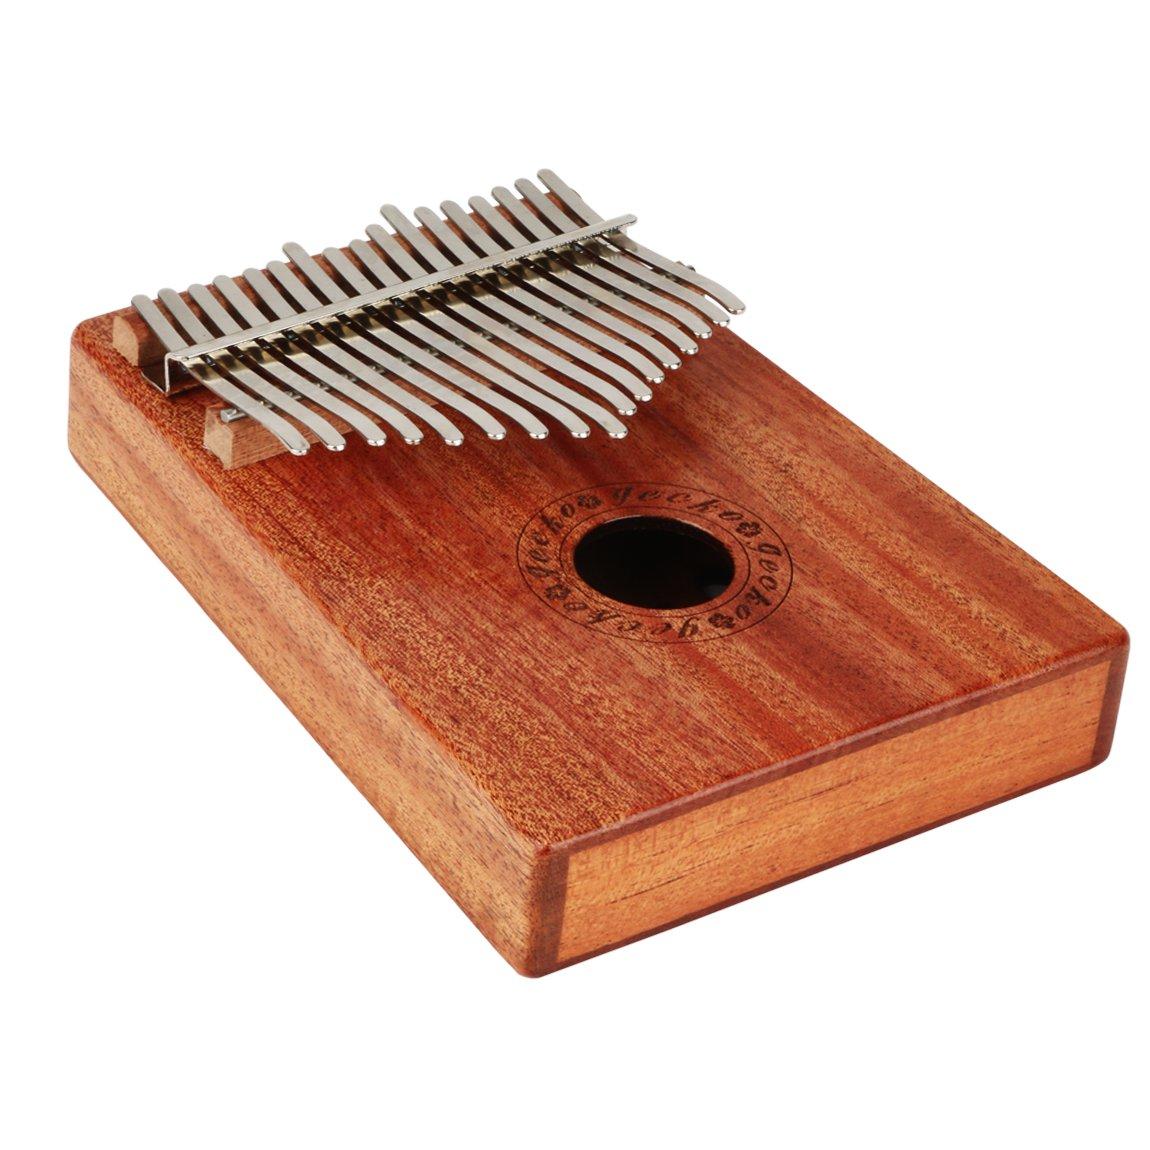 CYC Music Kalimba Thumb Piano 17 Keys Made of Mahogany Solid wood -Natural Color